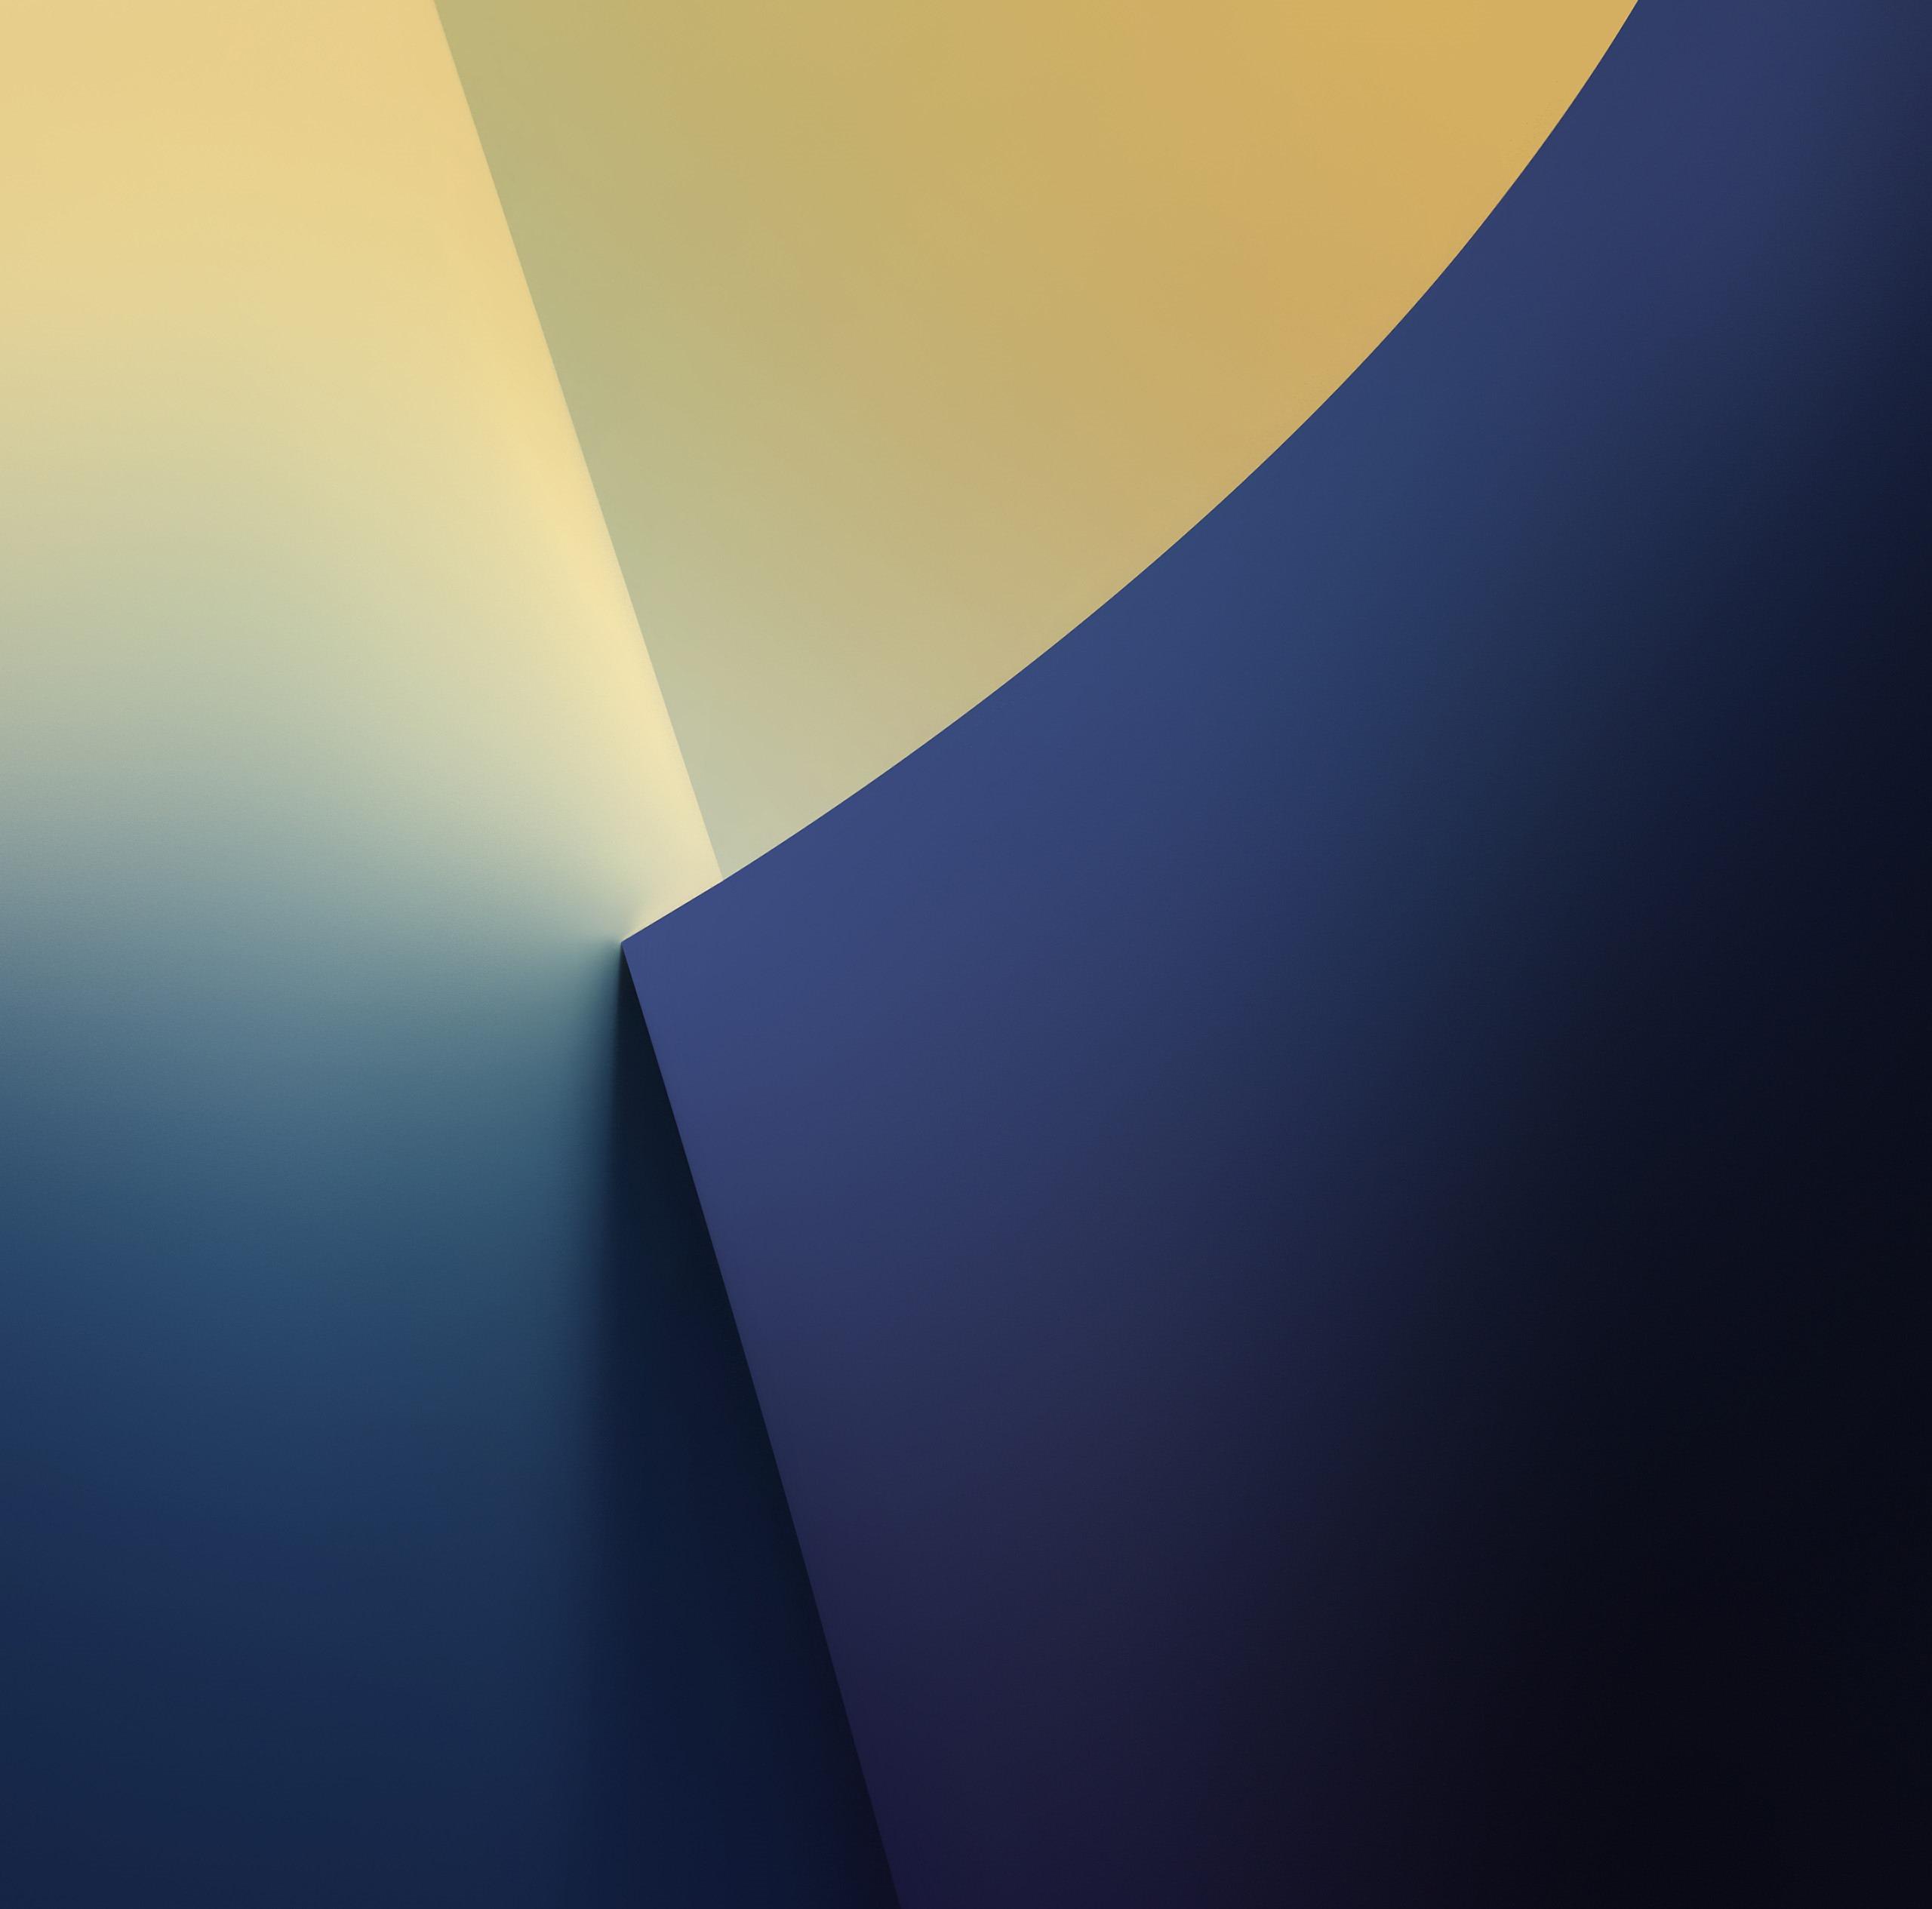 Обои Цвет, синий, желтый. Абстракции foto 16